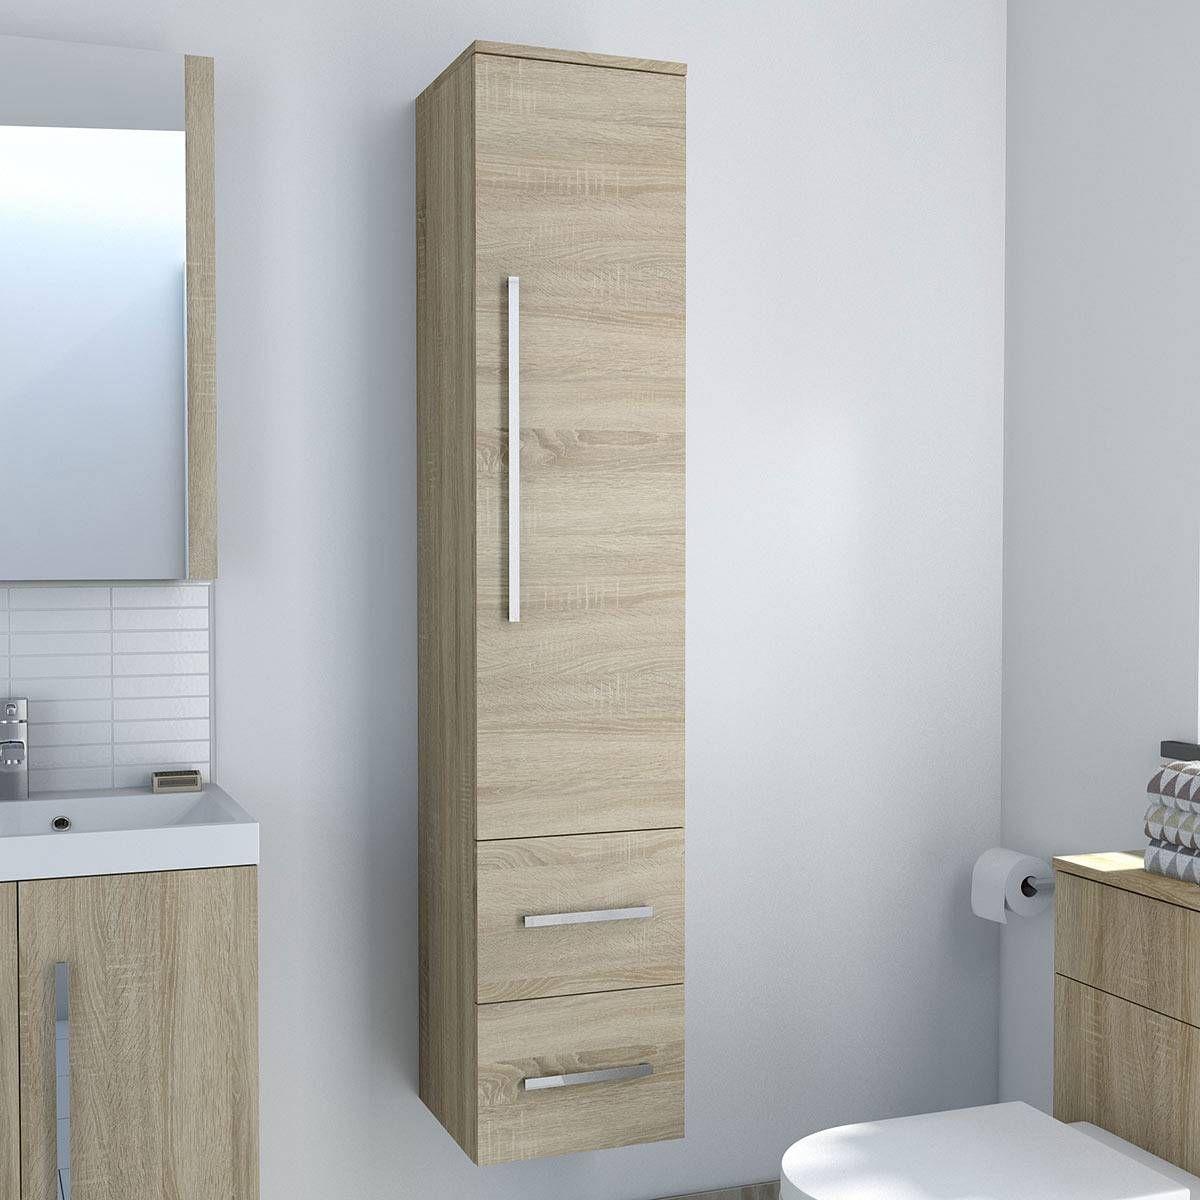 Drift oak wall hung tall storage unit | Bathroom furniture, Oak ...